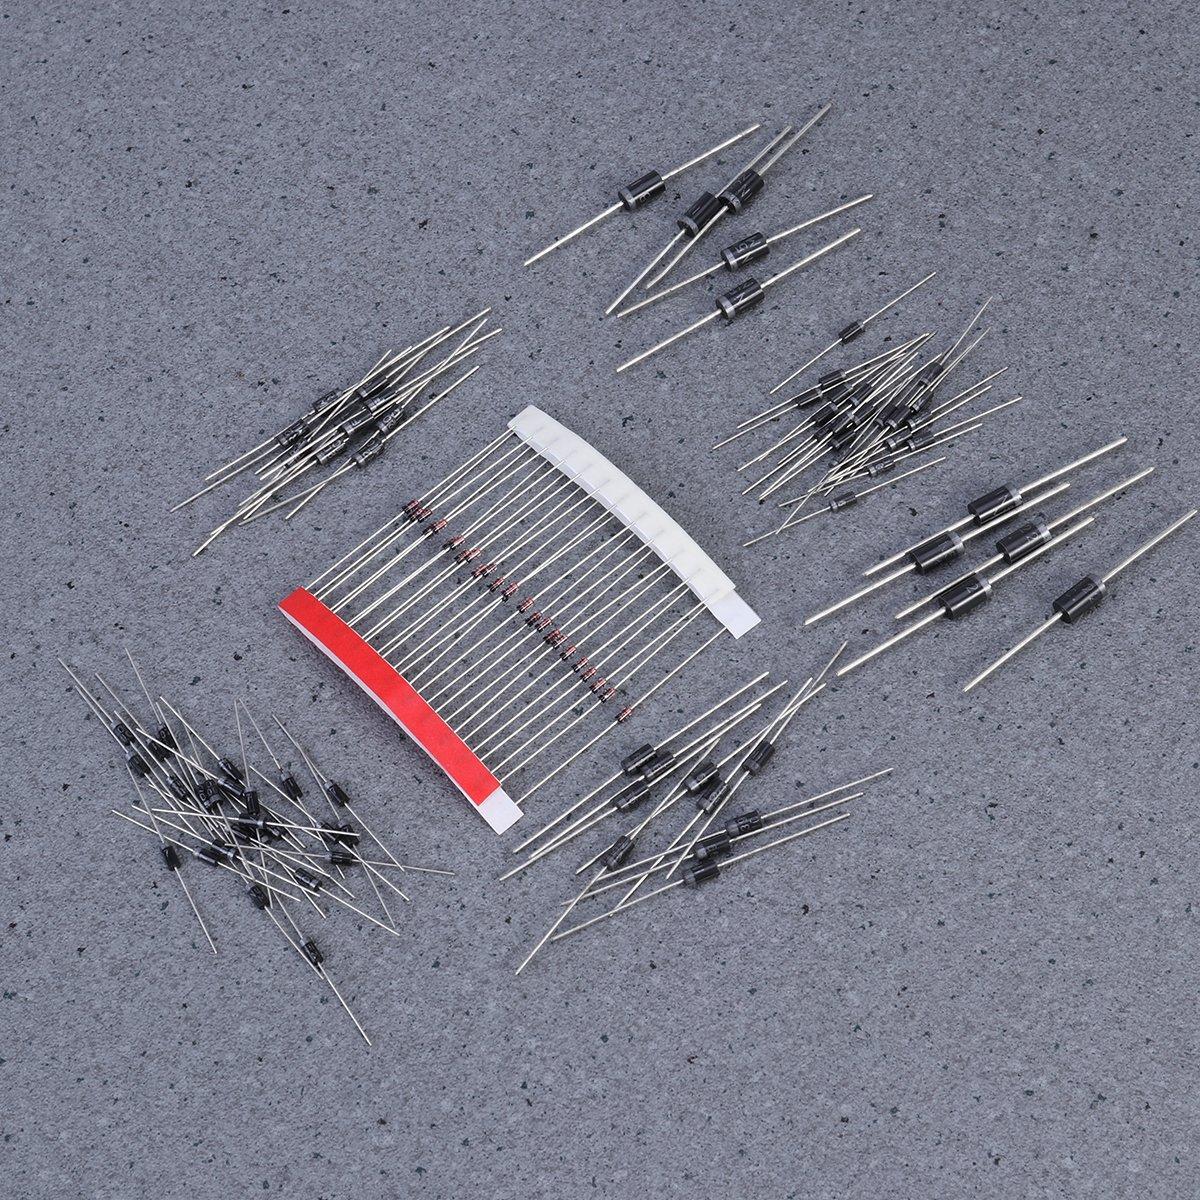 UEETEK 100pcs Rectifier Diode Assorted Kit with 8 Modles 1N4148 1N4007 1N5819 1N5399 FR107 FR207 1N5408 1N5822